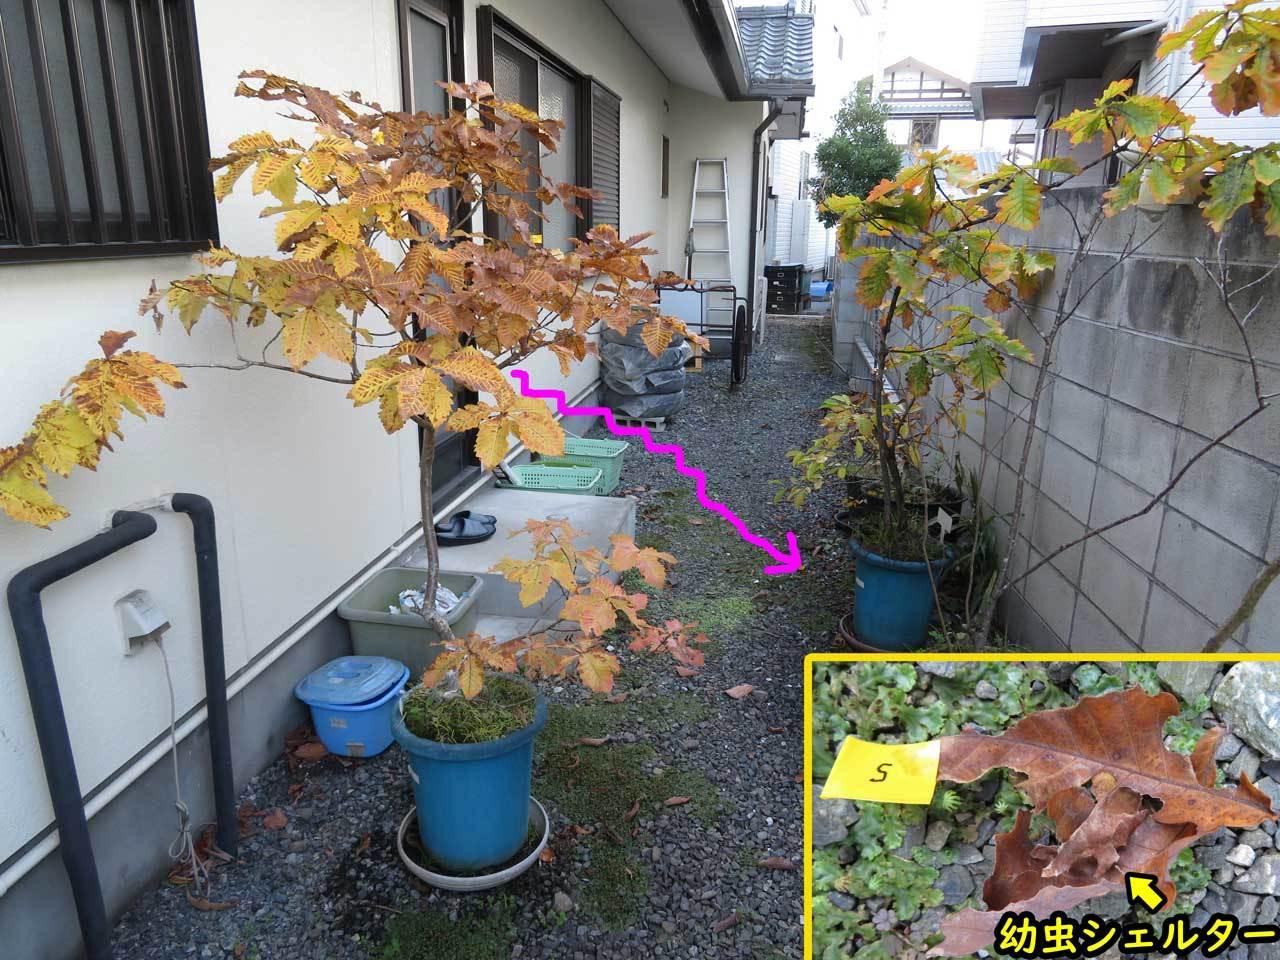 ミヤマセセリ幼虫が越冬のため落幼_e0253104_18263335.jpg